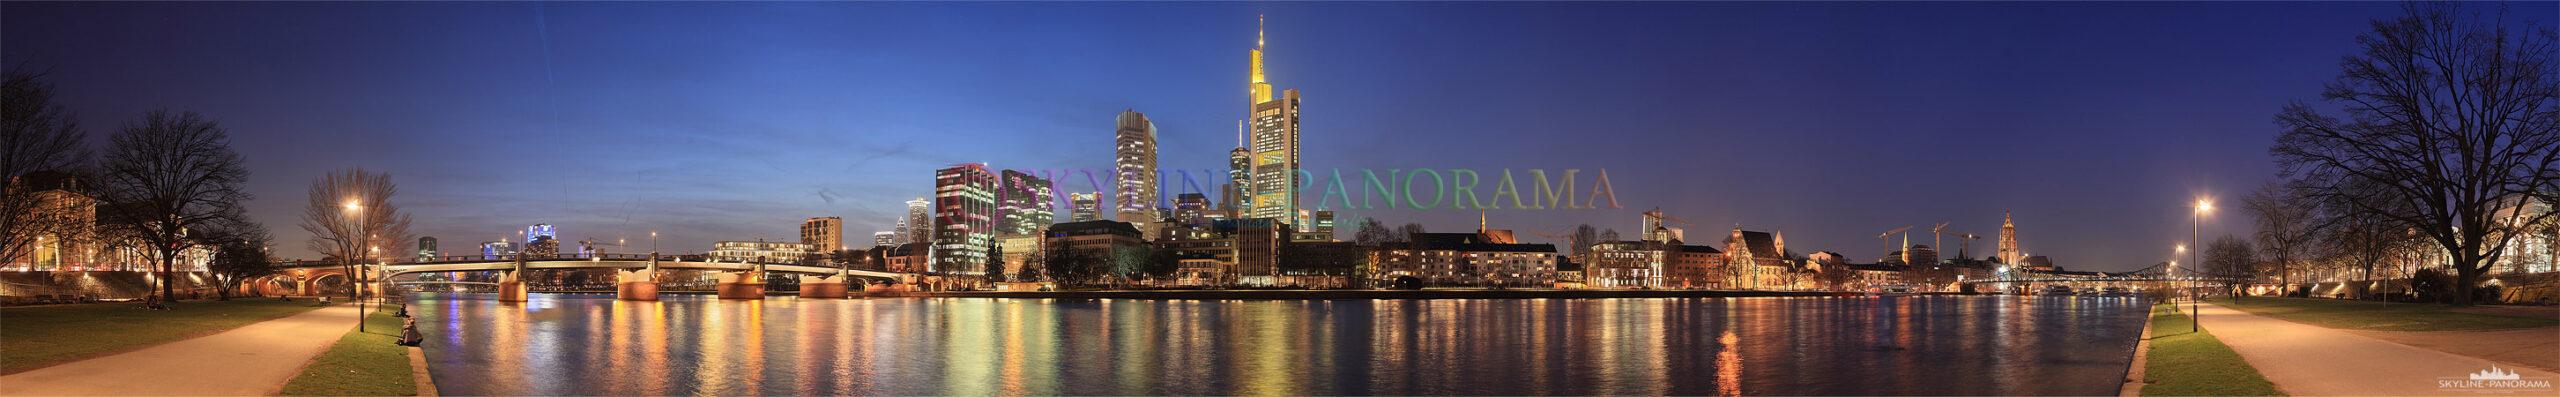 Panorama Frankfurt am Main - Bild vom Mainufer | Die Frankfurter Skyline im Frühjahr 2010 vom Mainufer aus gesehen, die Aufnahme entstand am Abend zur Blauen Stunde.